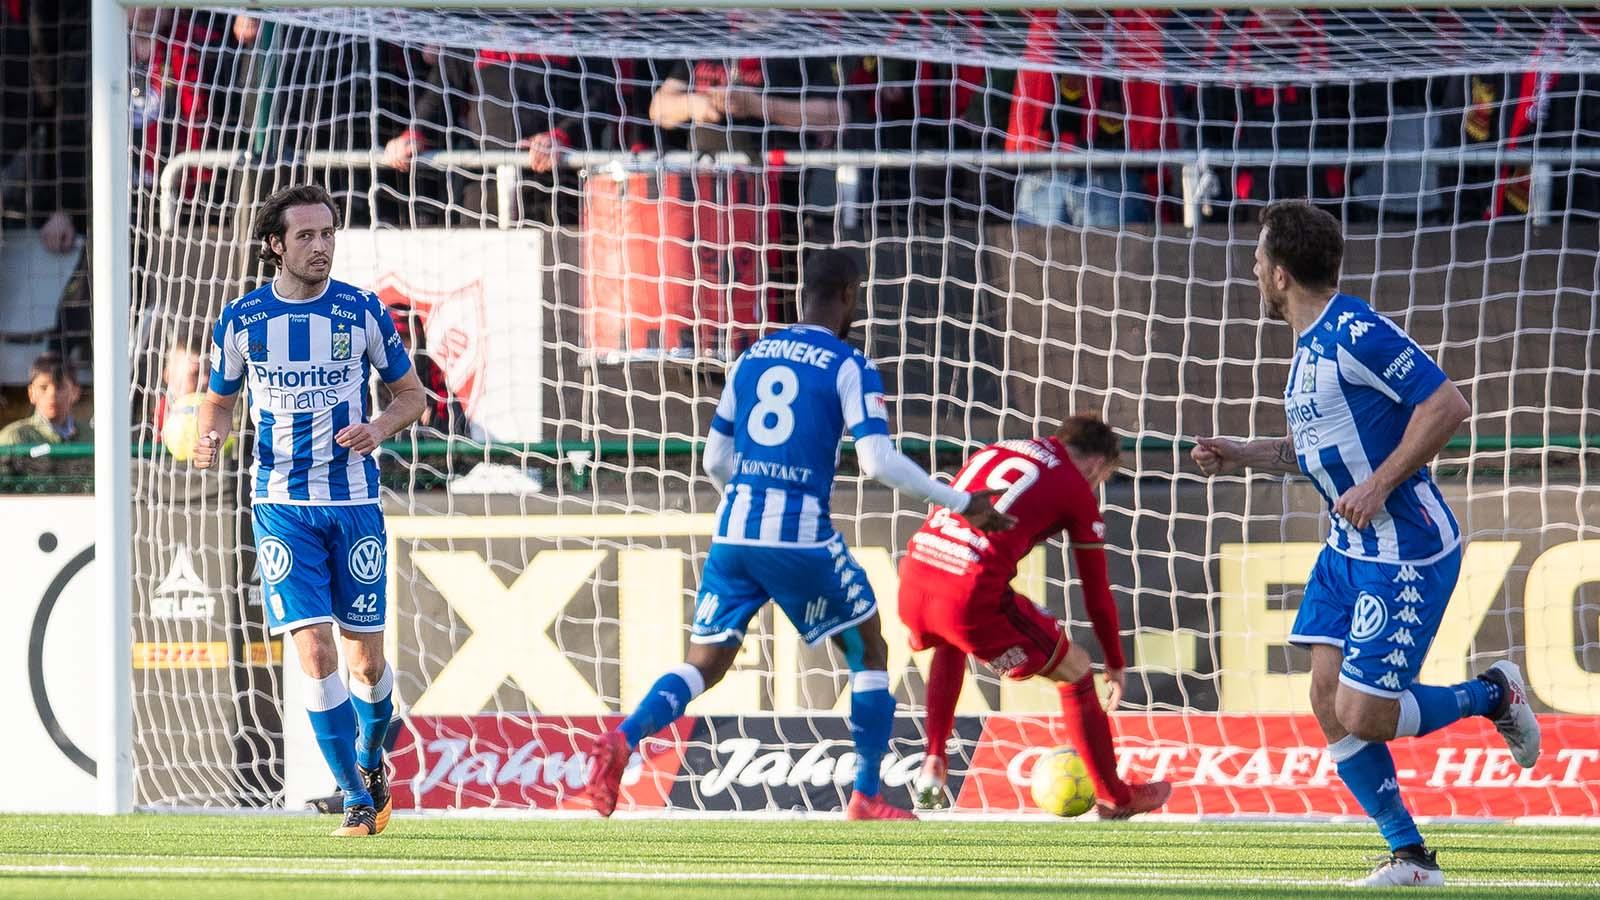 180415 IFK Göteborgs Mikkel Diskerud jublar efter att han reducerat till 1-2 under fotbollsmatchen i Allsvenskan mellan Östersund och IFK Göteborg den 15 april 2018 i Östersund. Foto: Tobias Nykänen / BILDBYRÅN / kod TN/ Cop 171